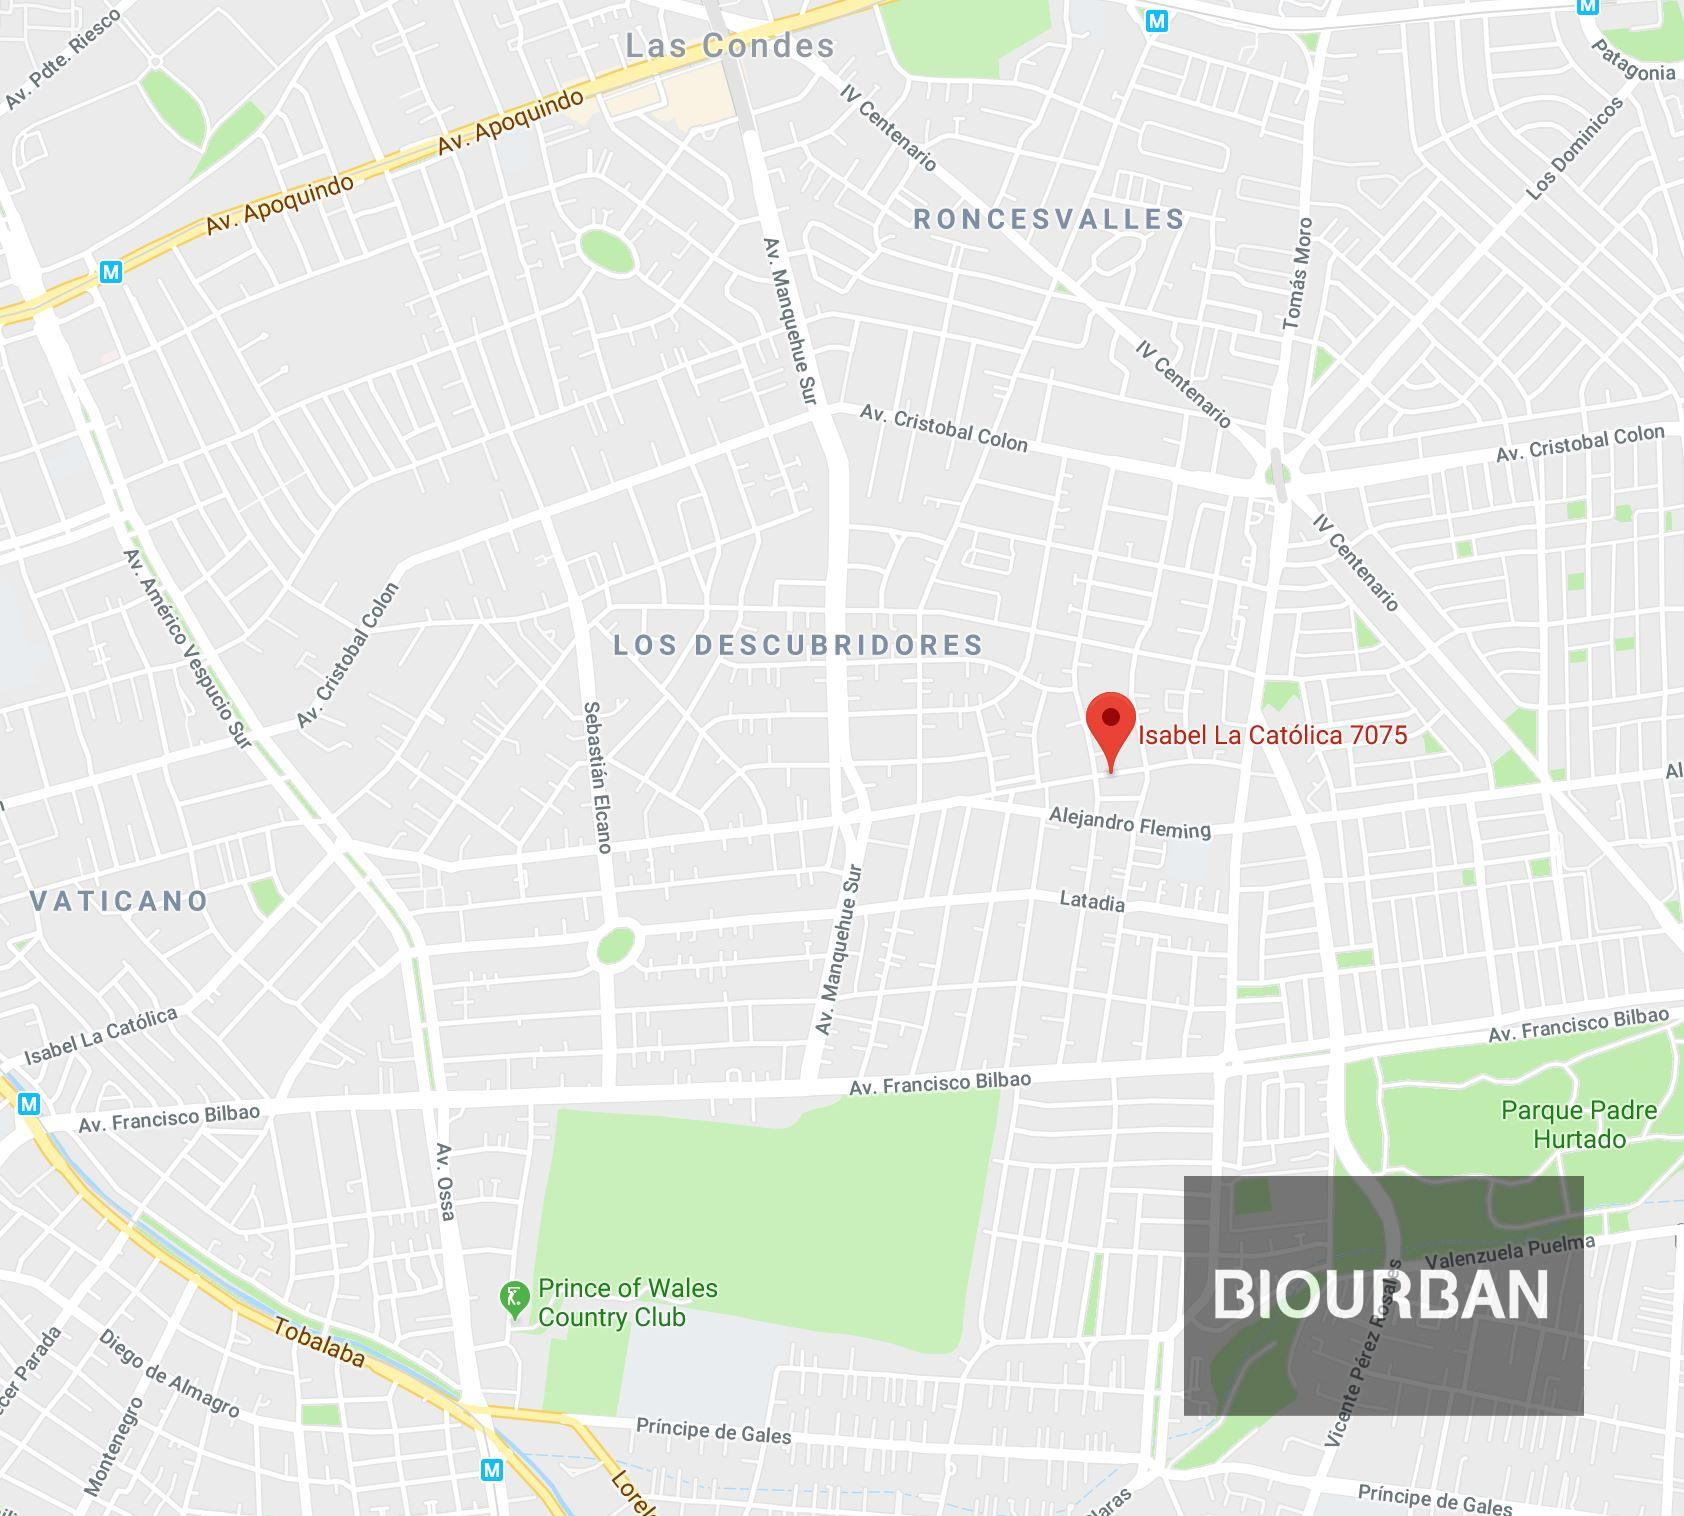 Navegar hasta Biourban Las Condes